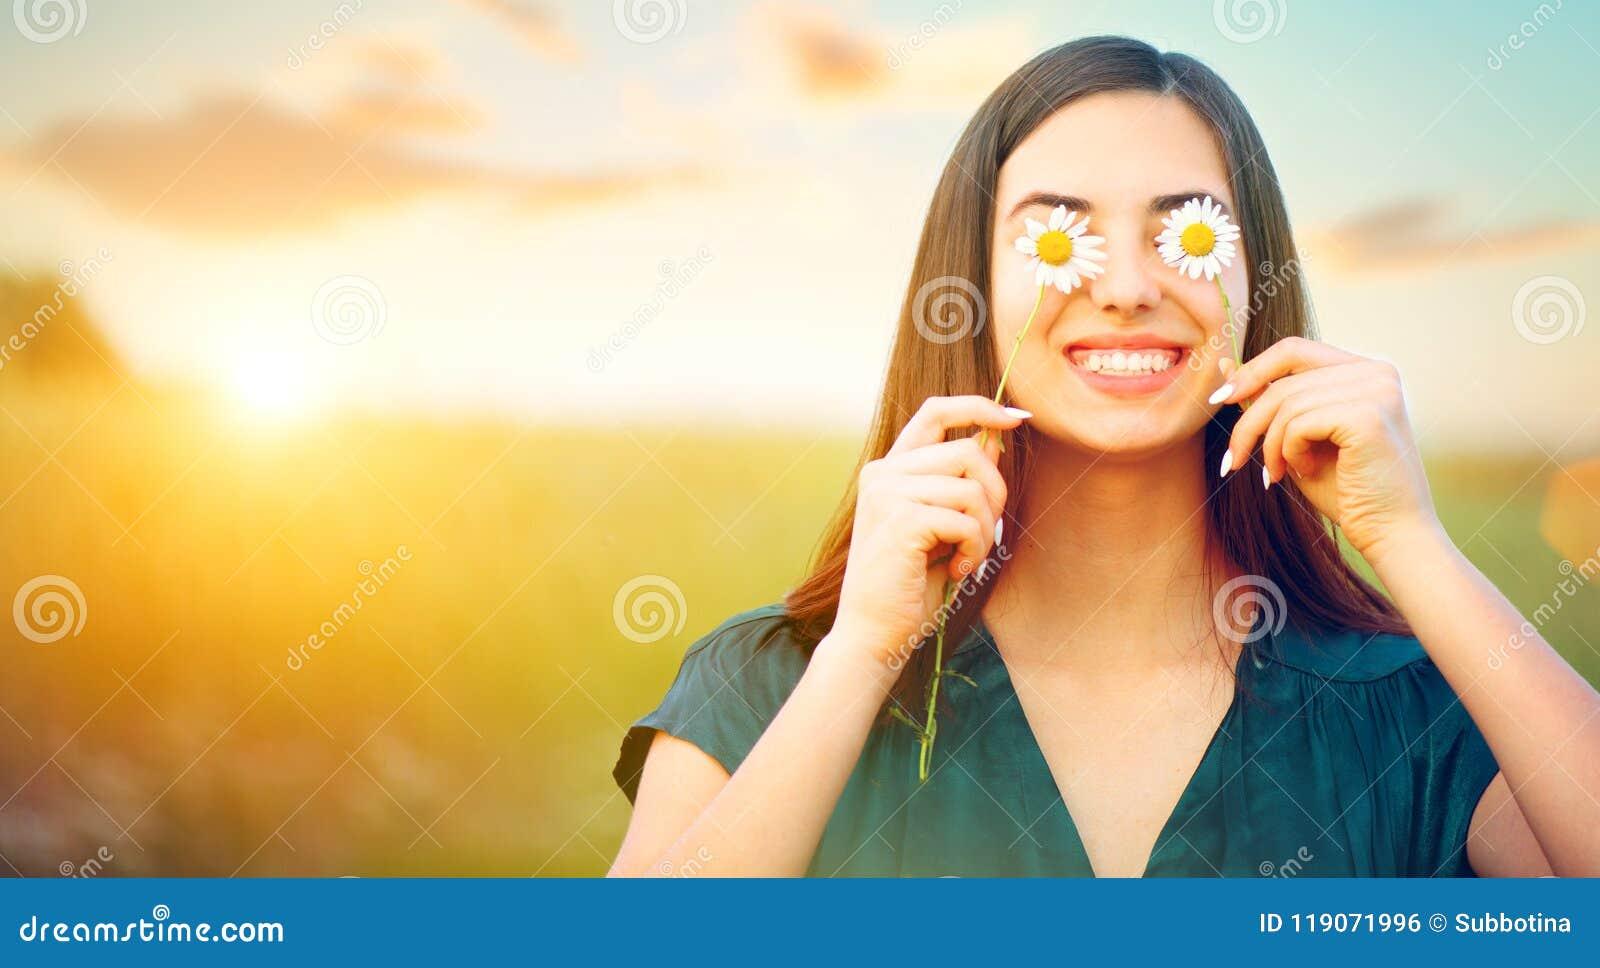 Frohes Mädchen der Schönheit mit Gänseblümchenblumen auf ihren Augen Natur genießend und auf Sommerfeld lachend